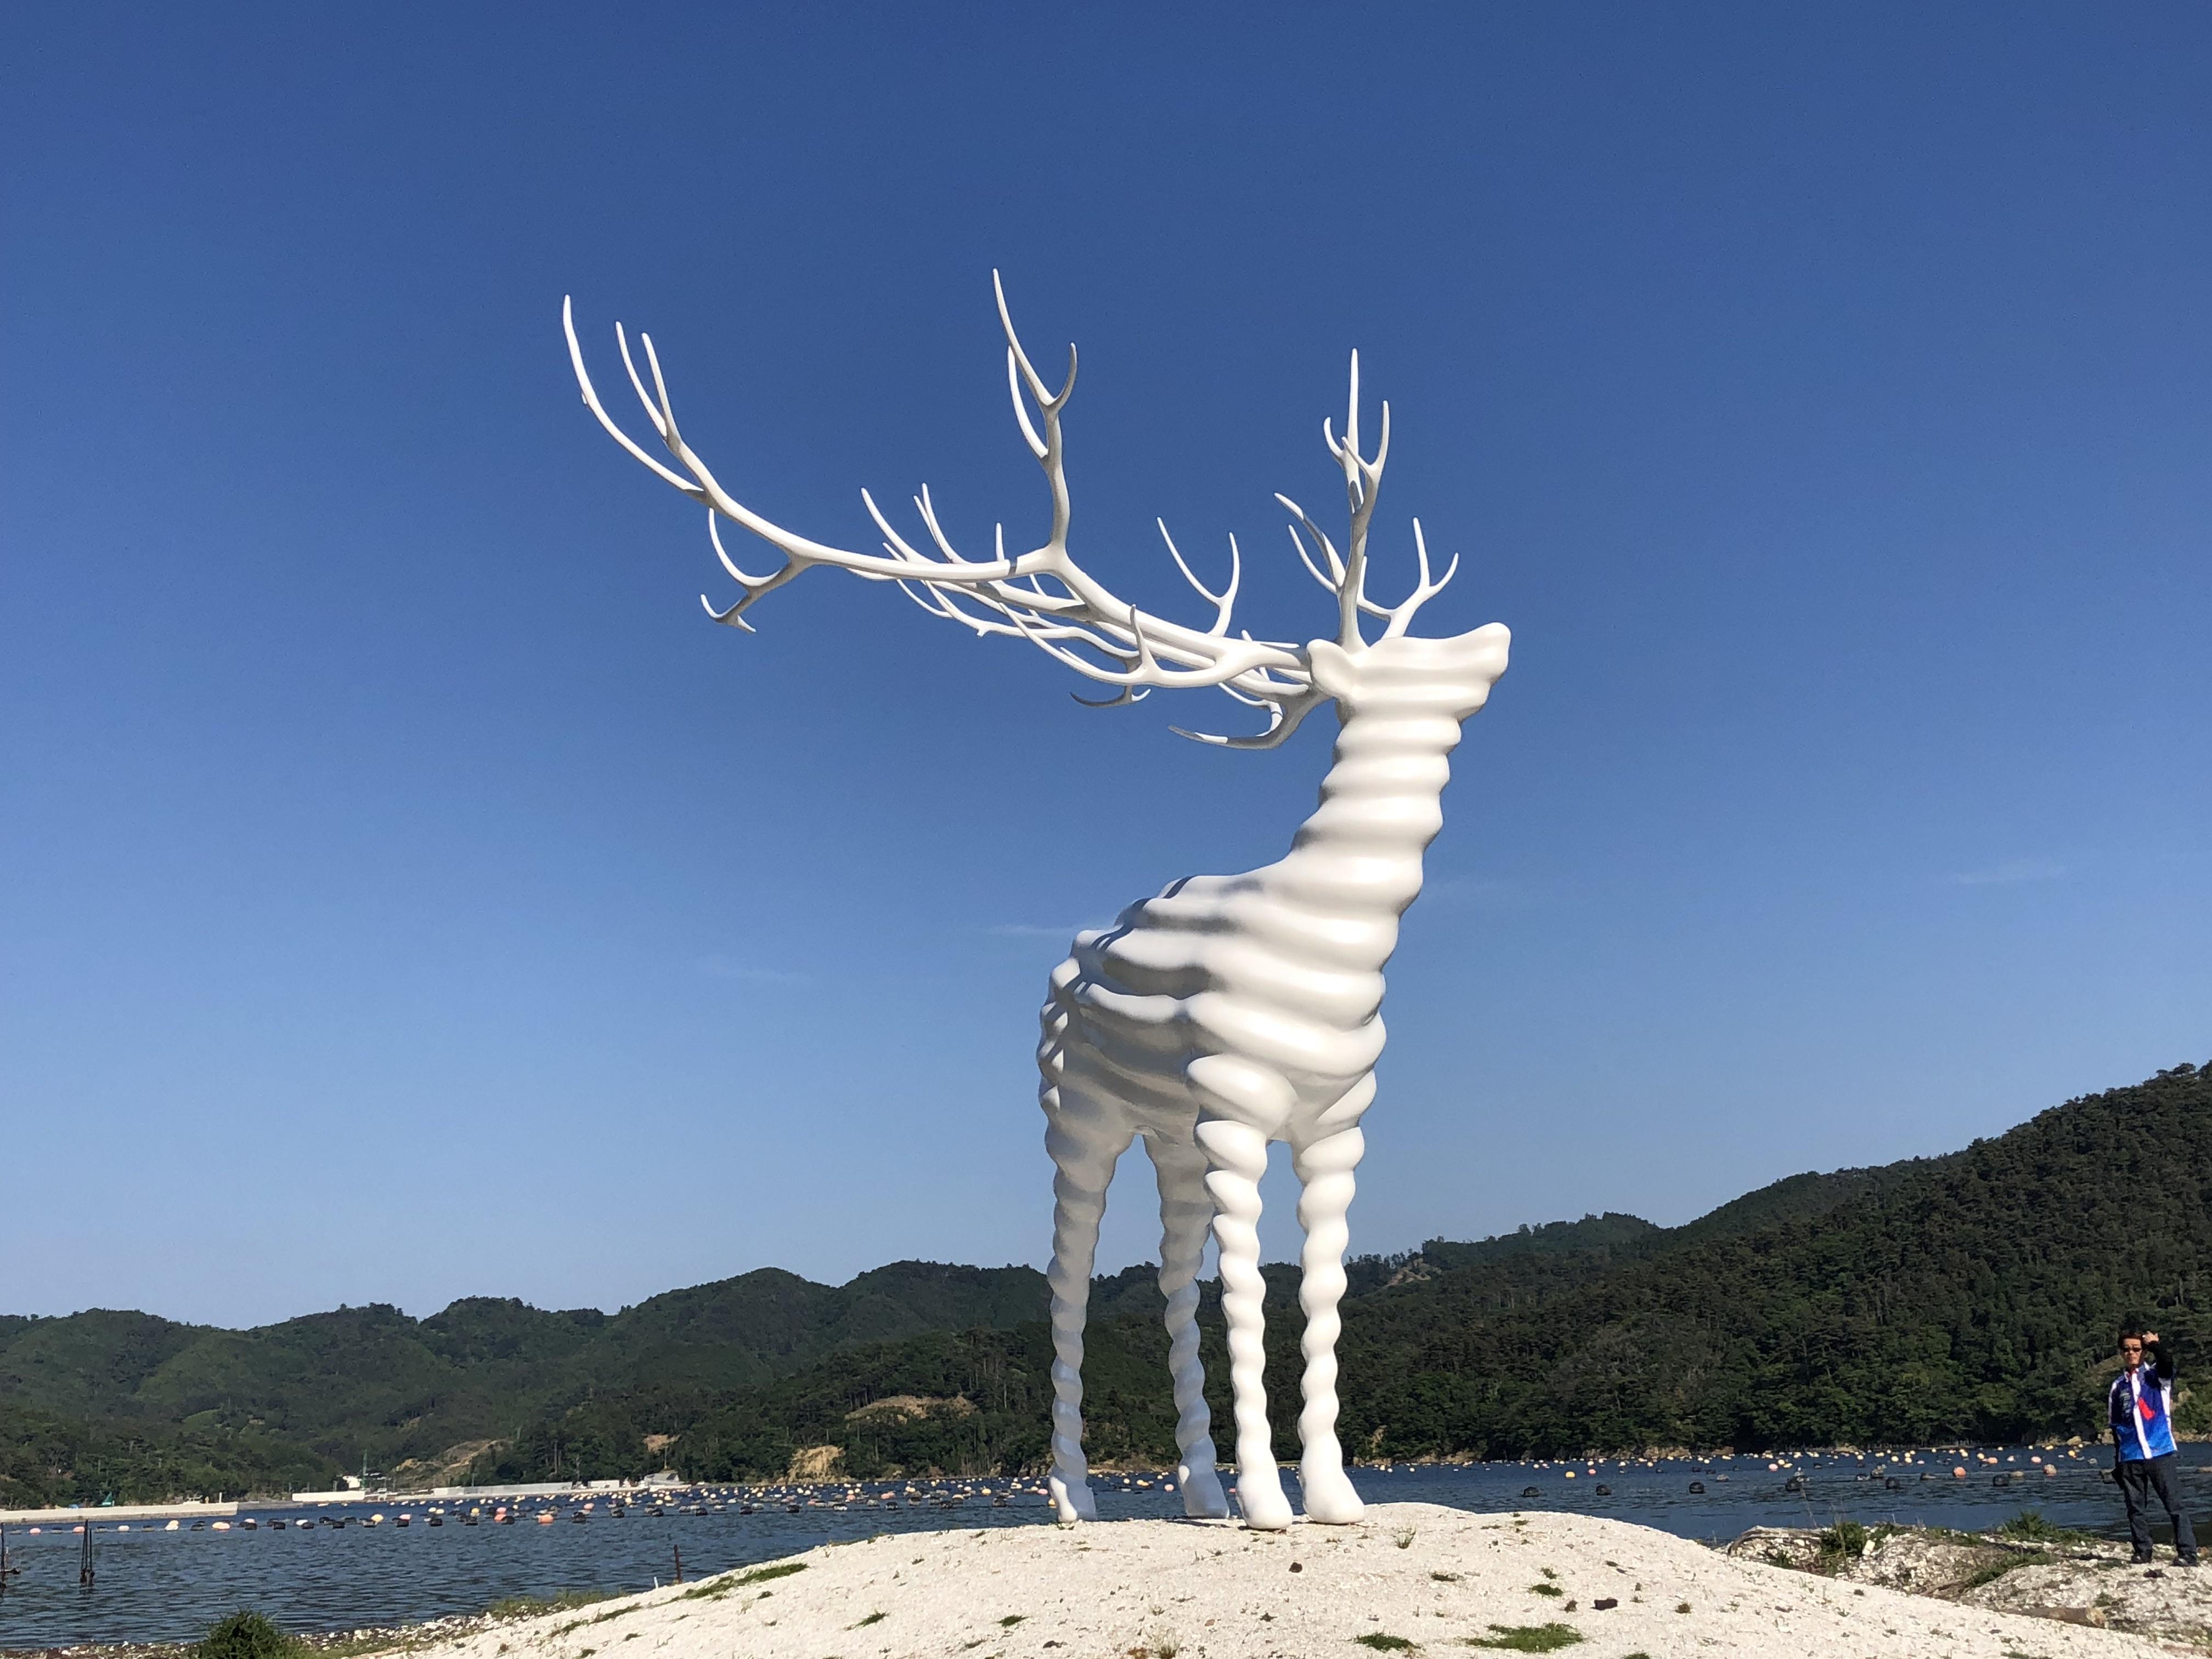 東北・三陸沿岸ツーリング 山の緑と青い空そして海の青に抱かれよう!